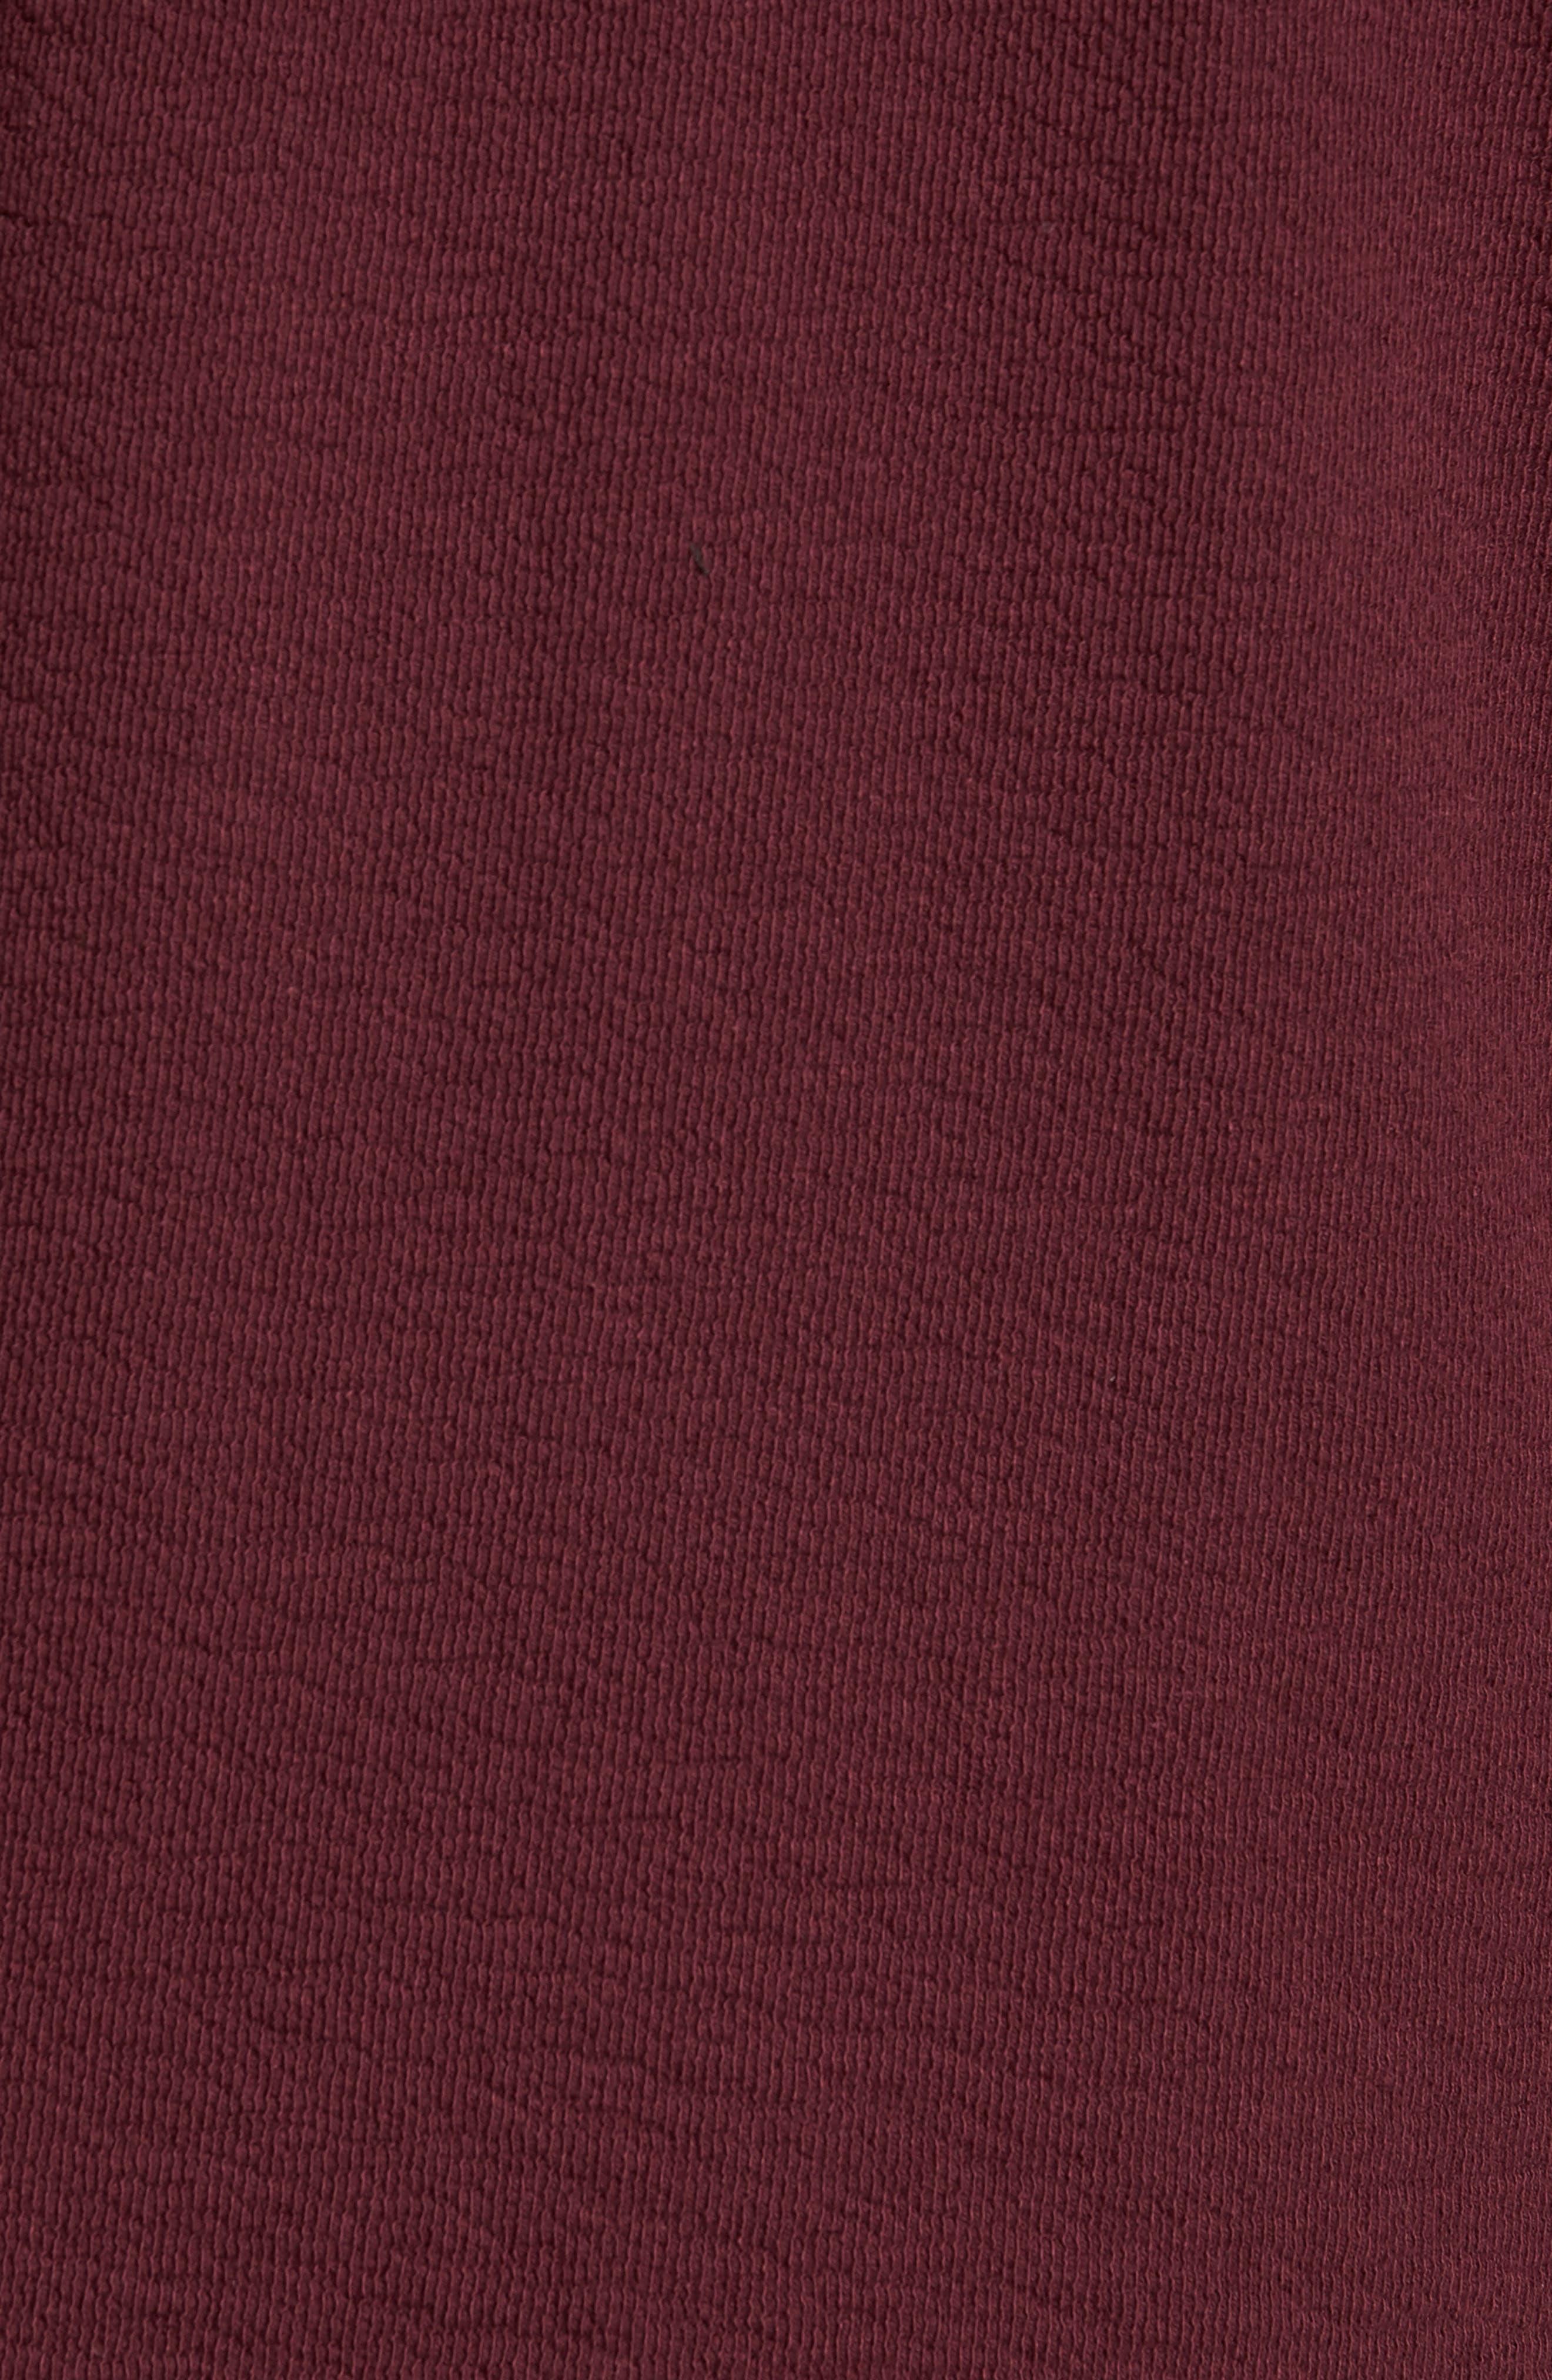 Alternate Image 5  - Treasure & Bond Canyon Long Sleeve Henley T-Shirt